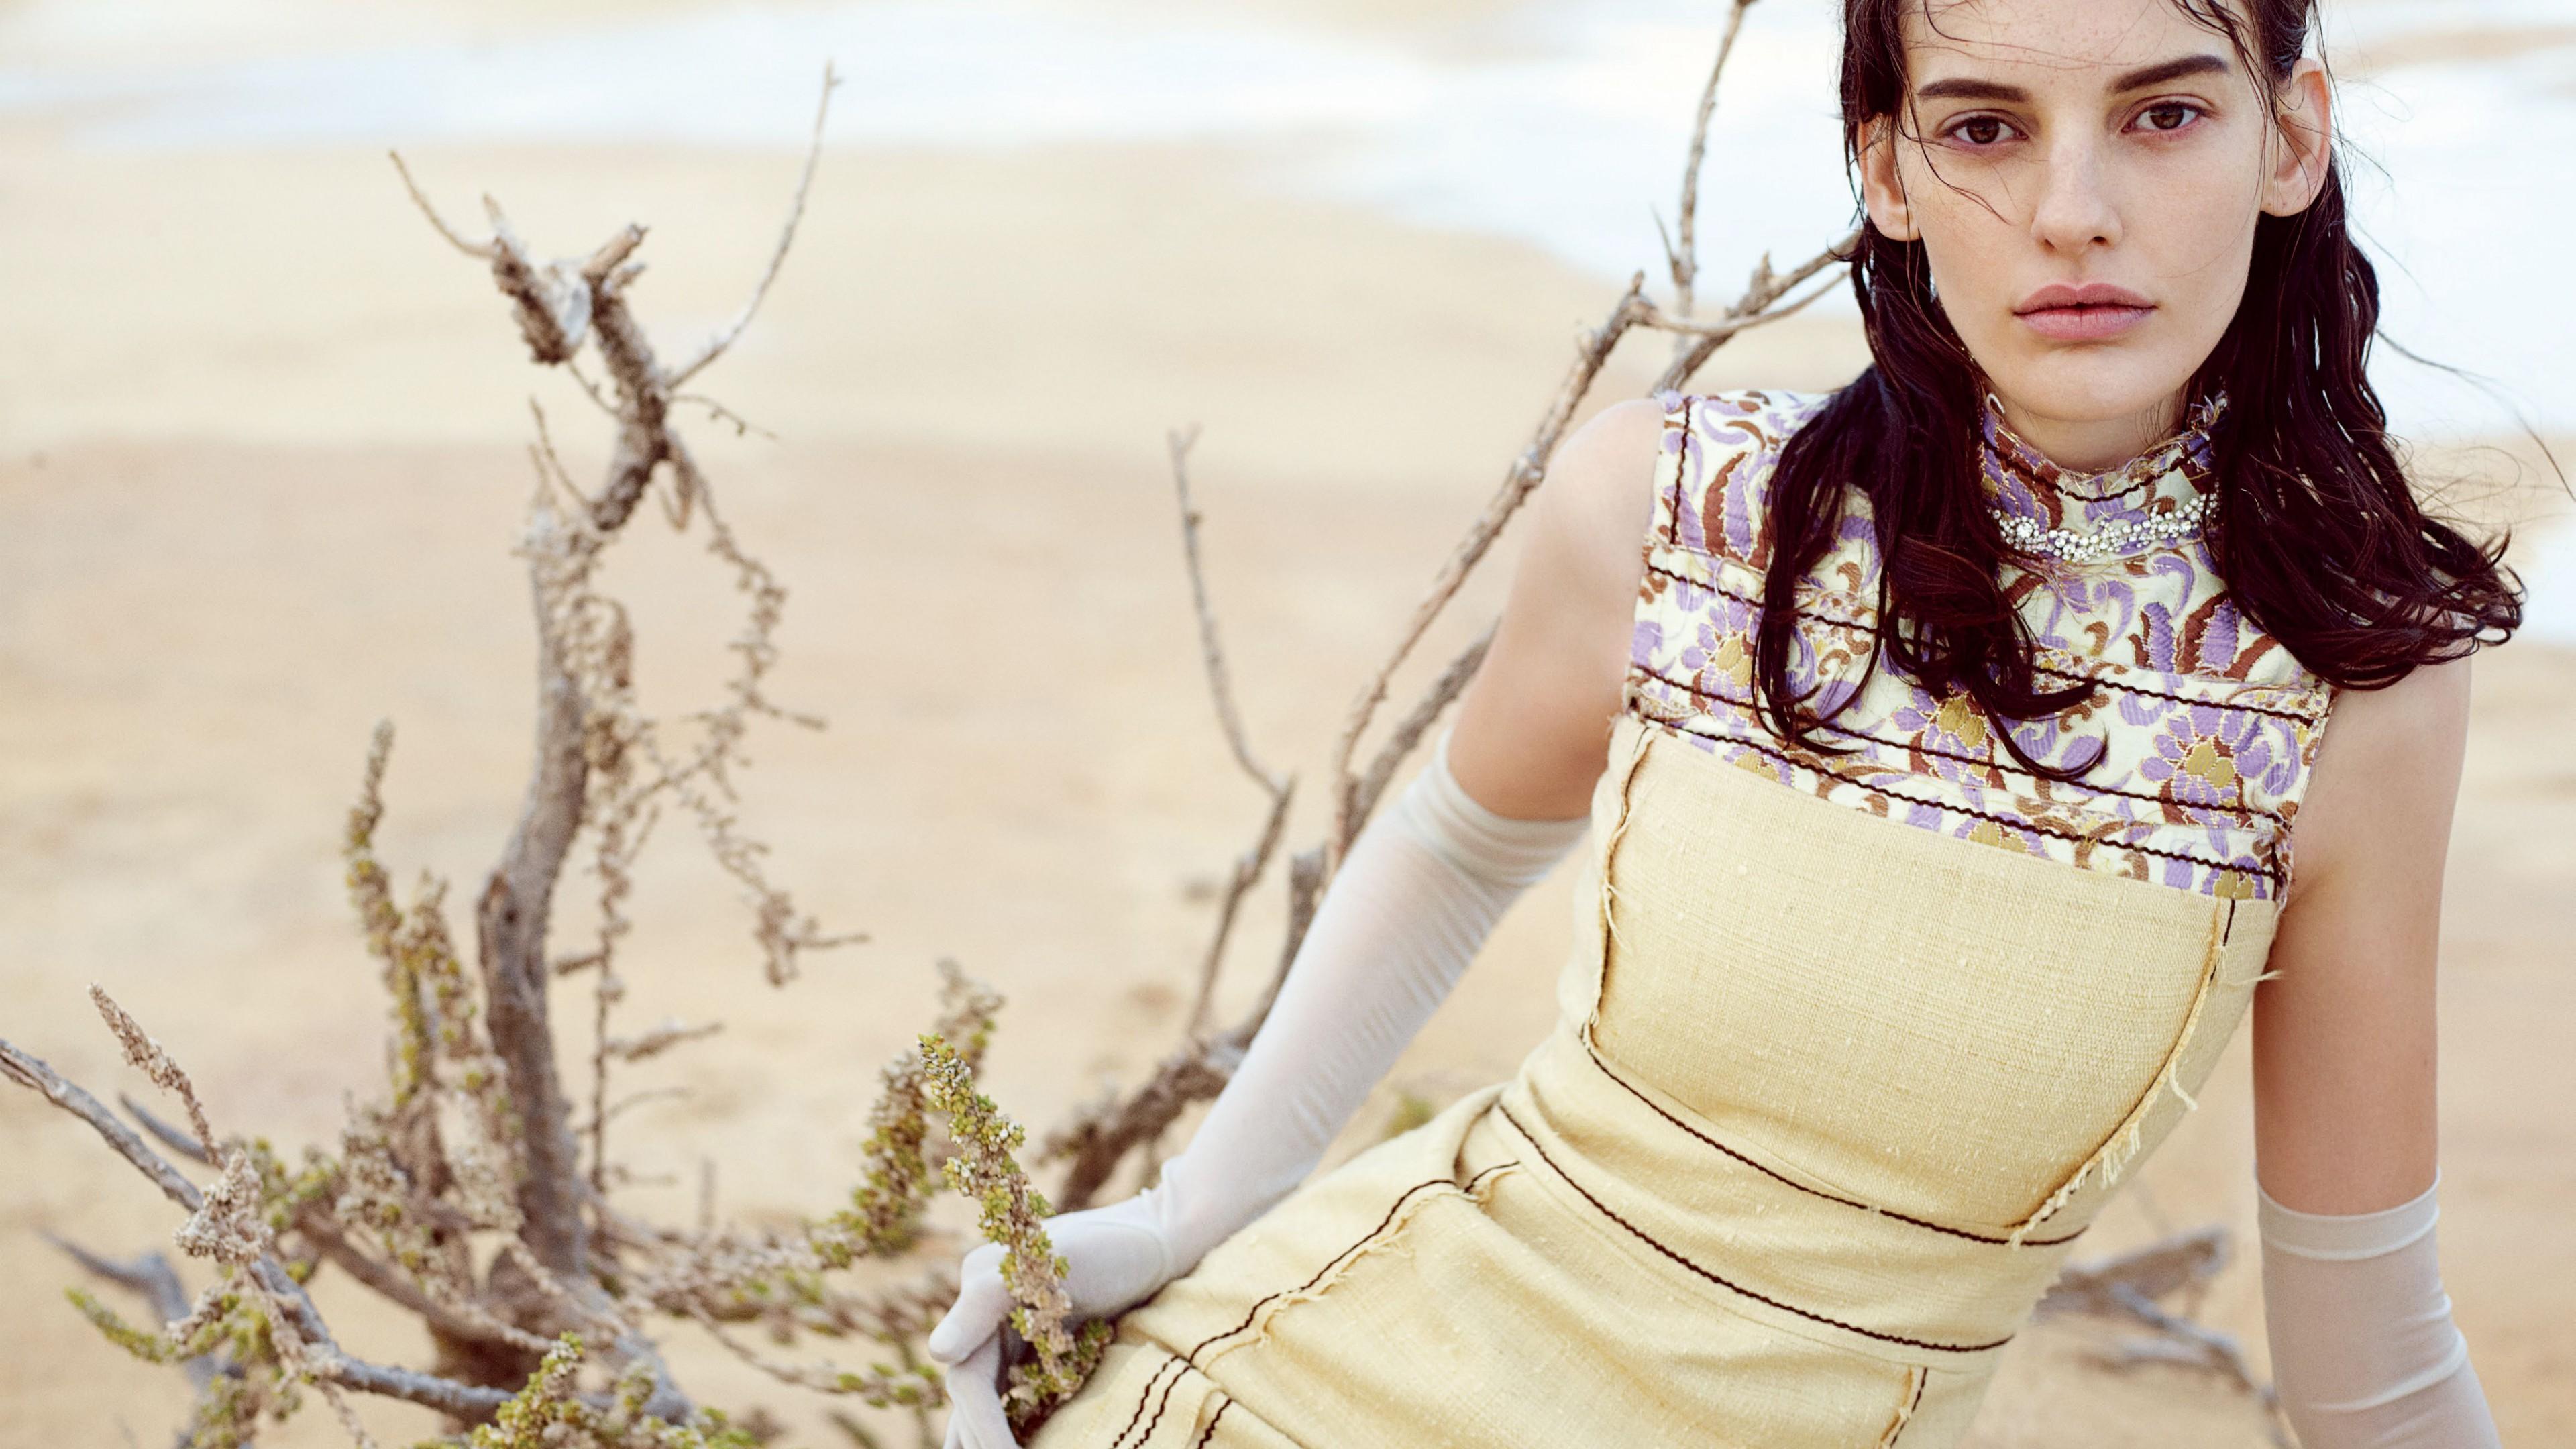 Amanda Gift, Model, Huntington Beach, California, US